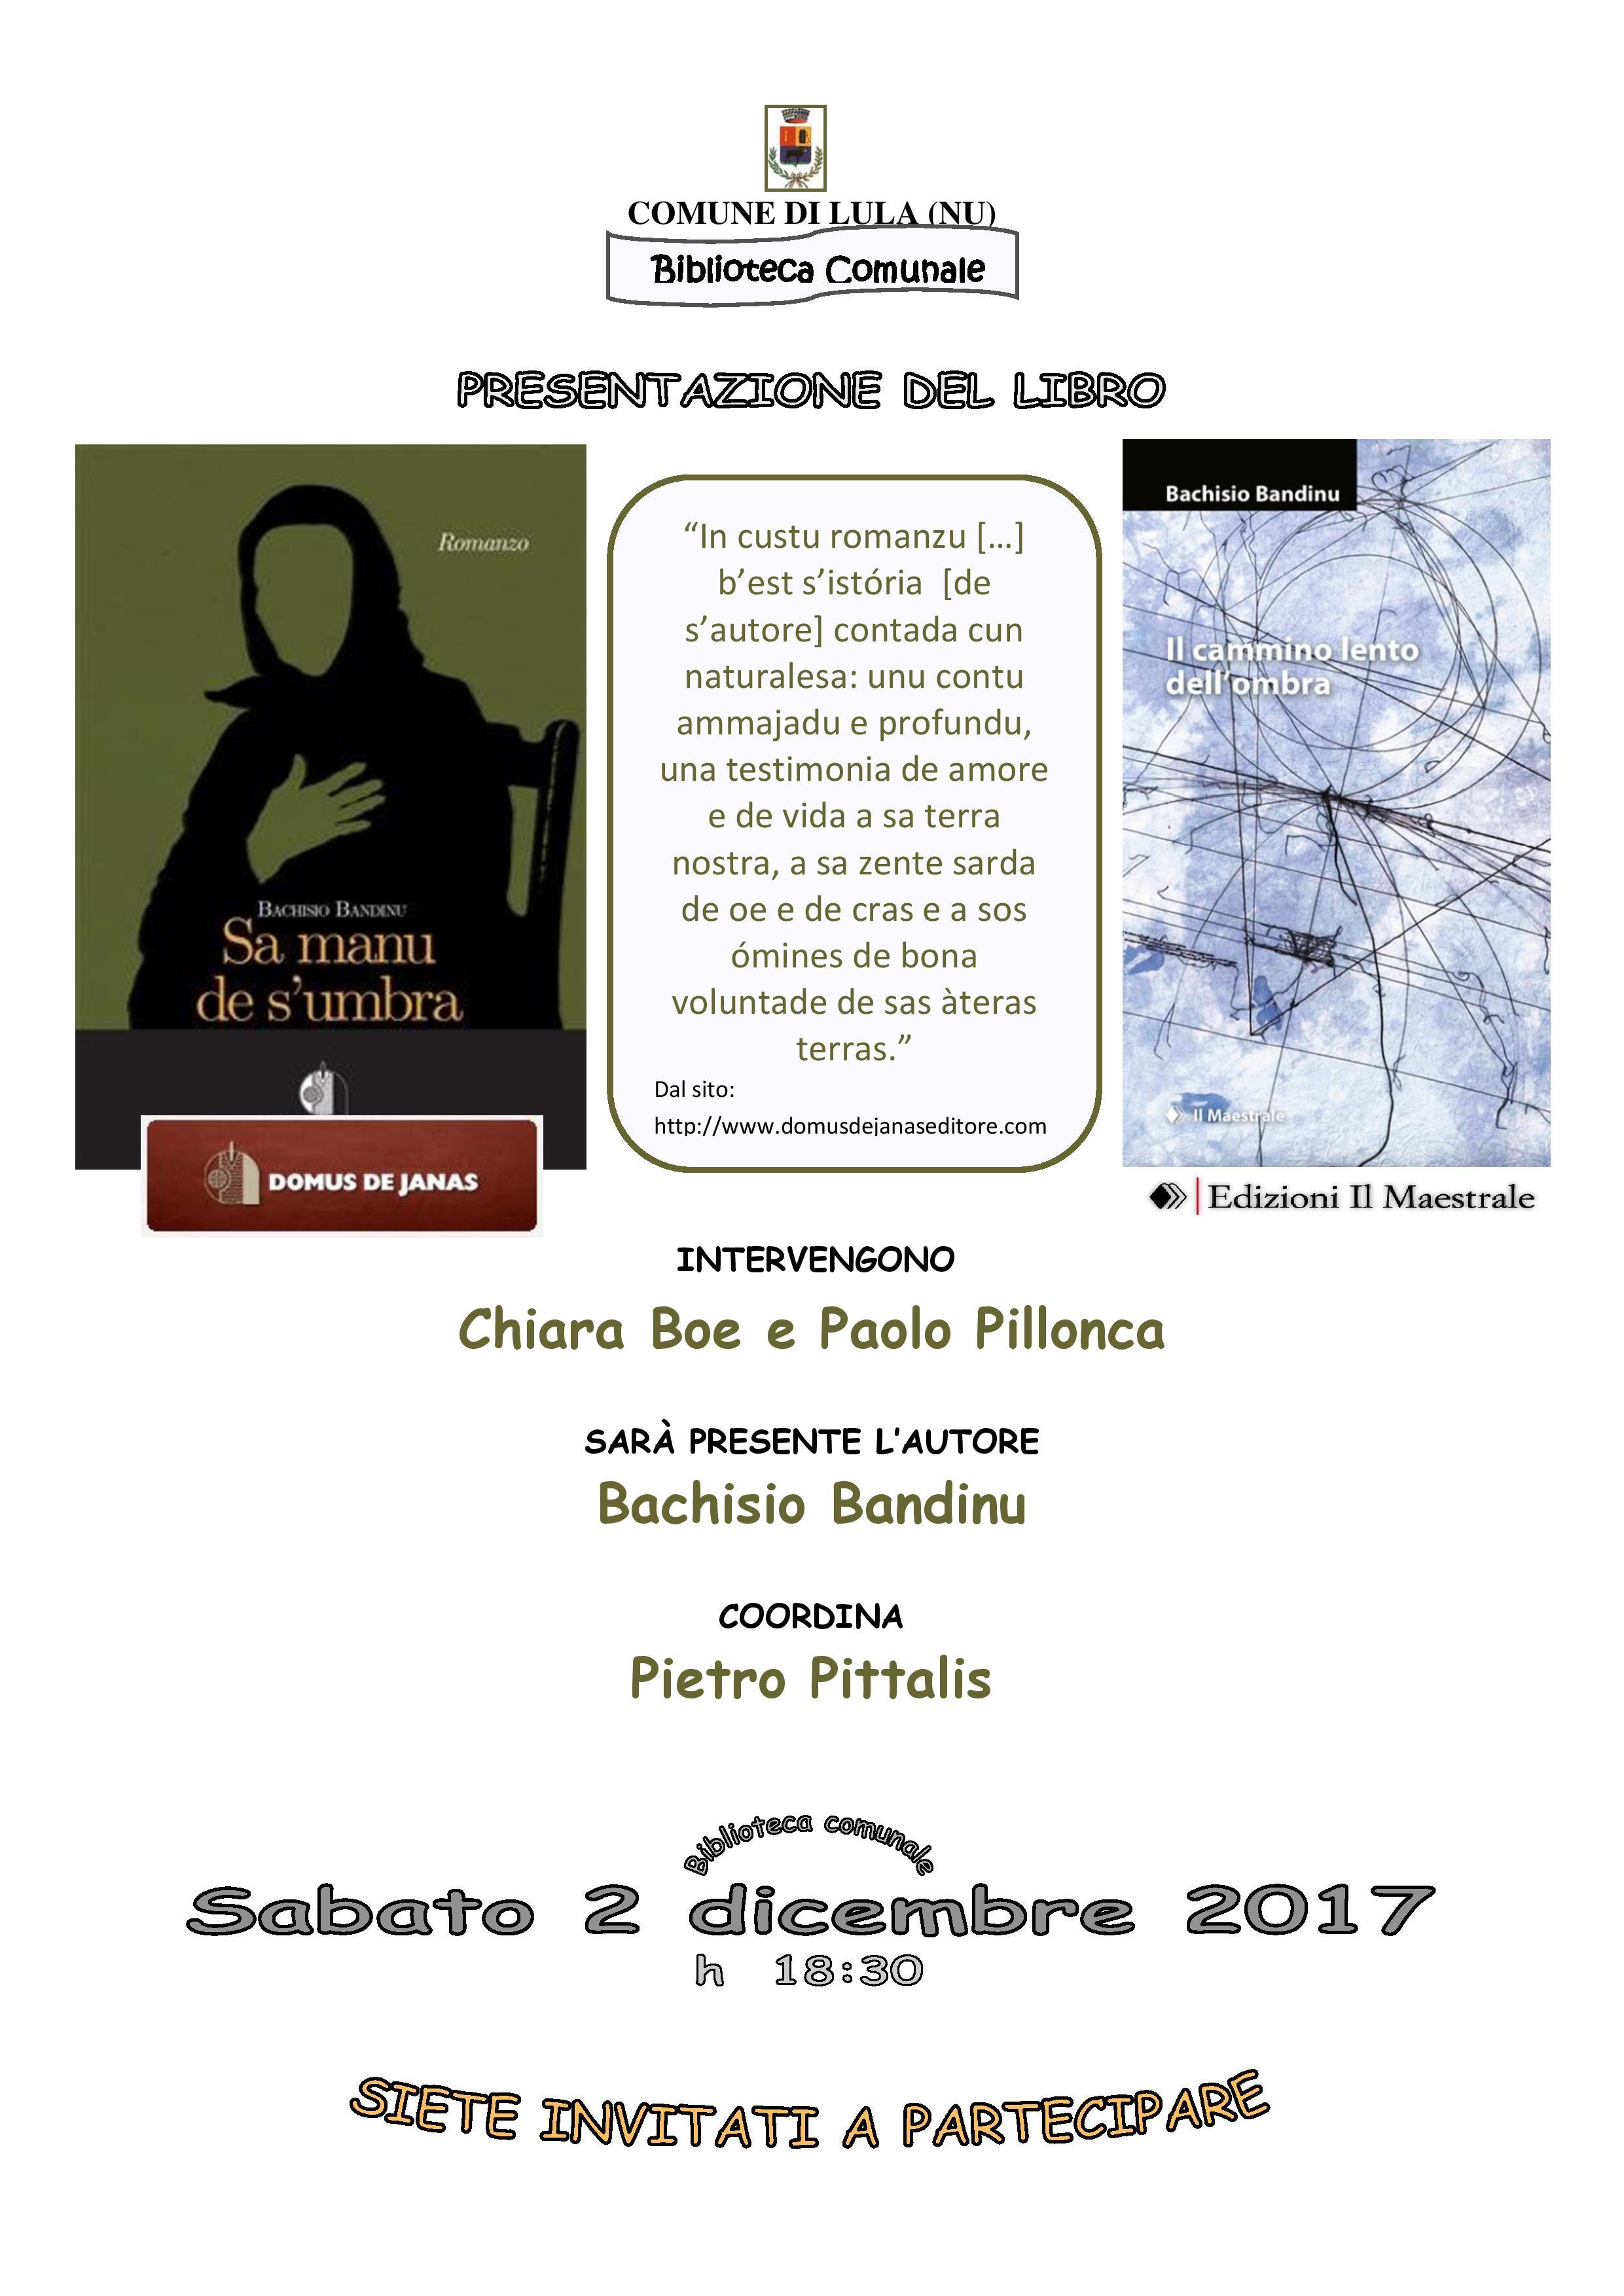 Presentazione del libro 'Sa manu de s'umbra' / 'Il cammino lento dell'ombra' di Bachisio Bandinu